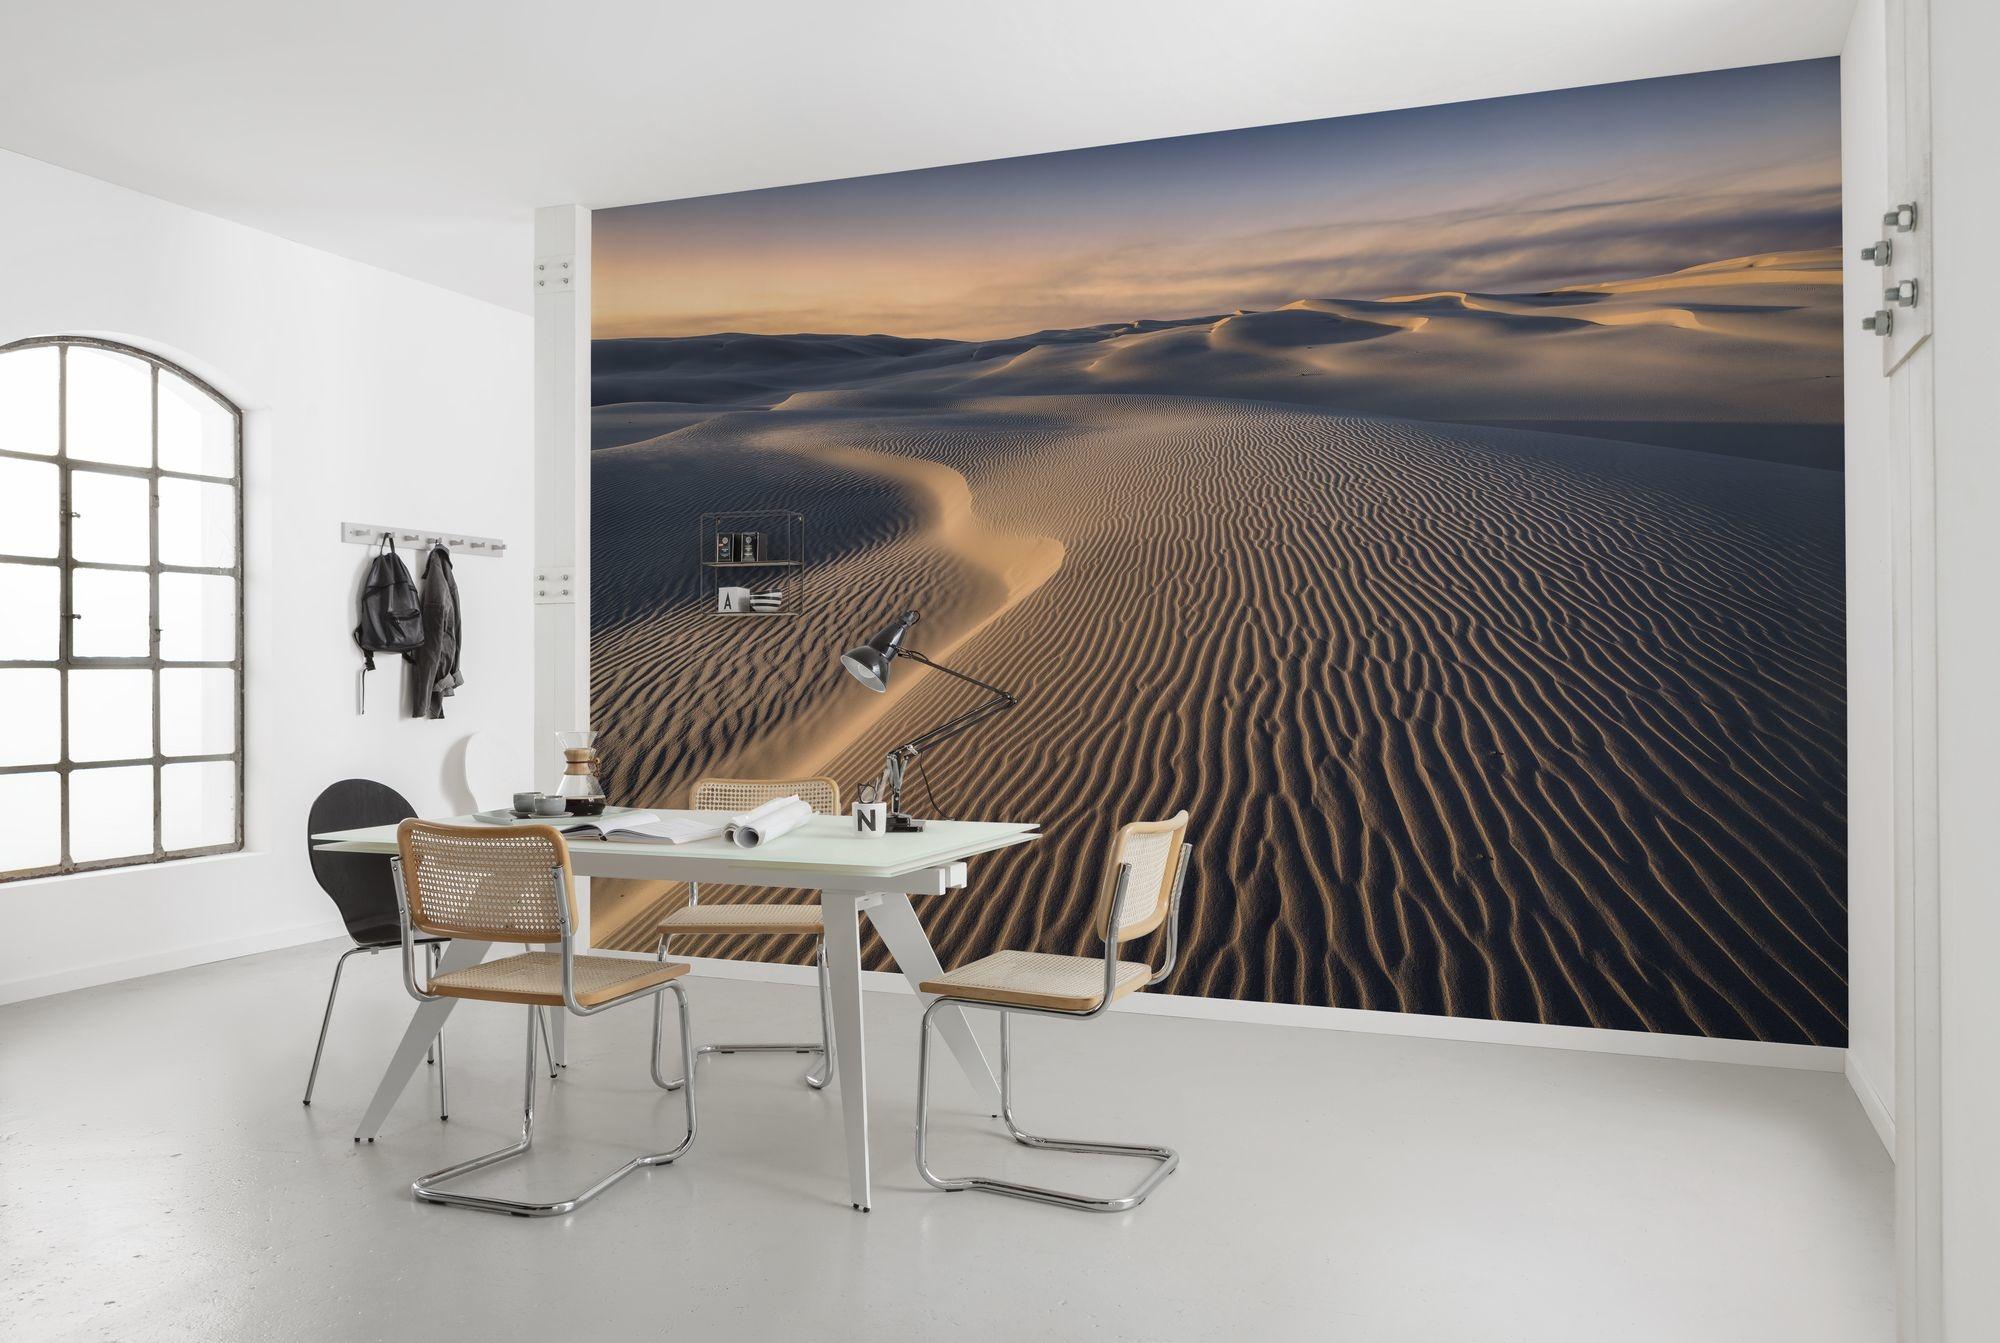 Stefan Hefele Edition 2 Fotobehang Komar - Natuur behang GLOWING LINES